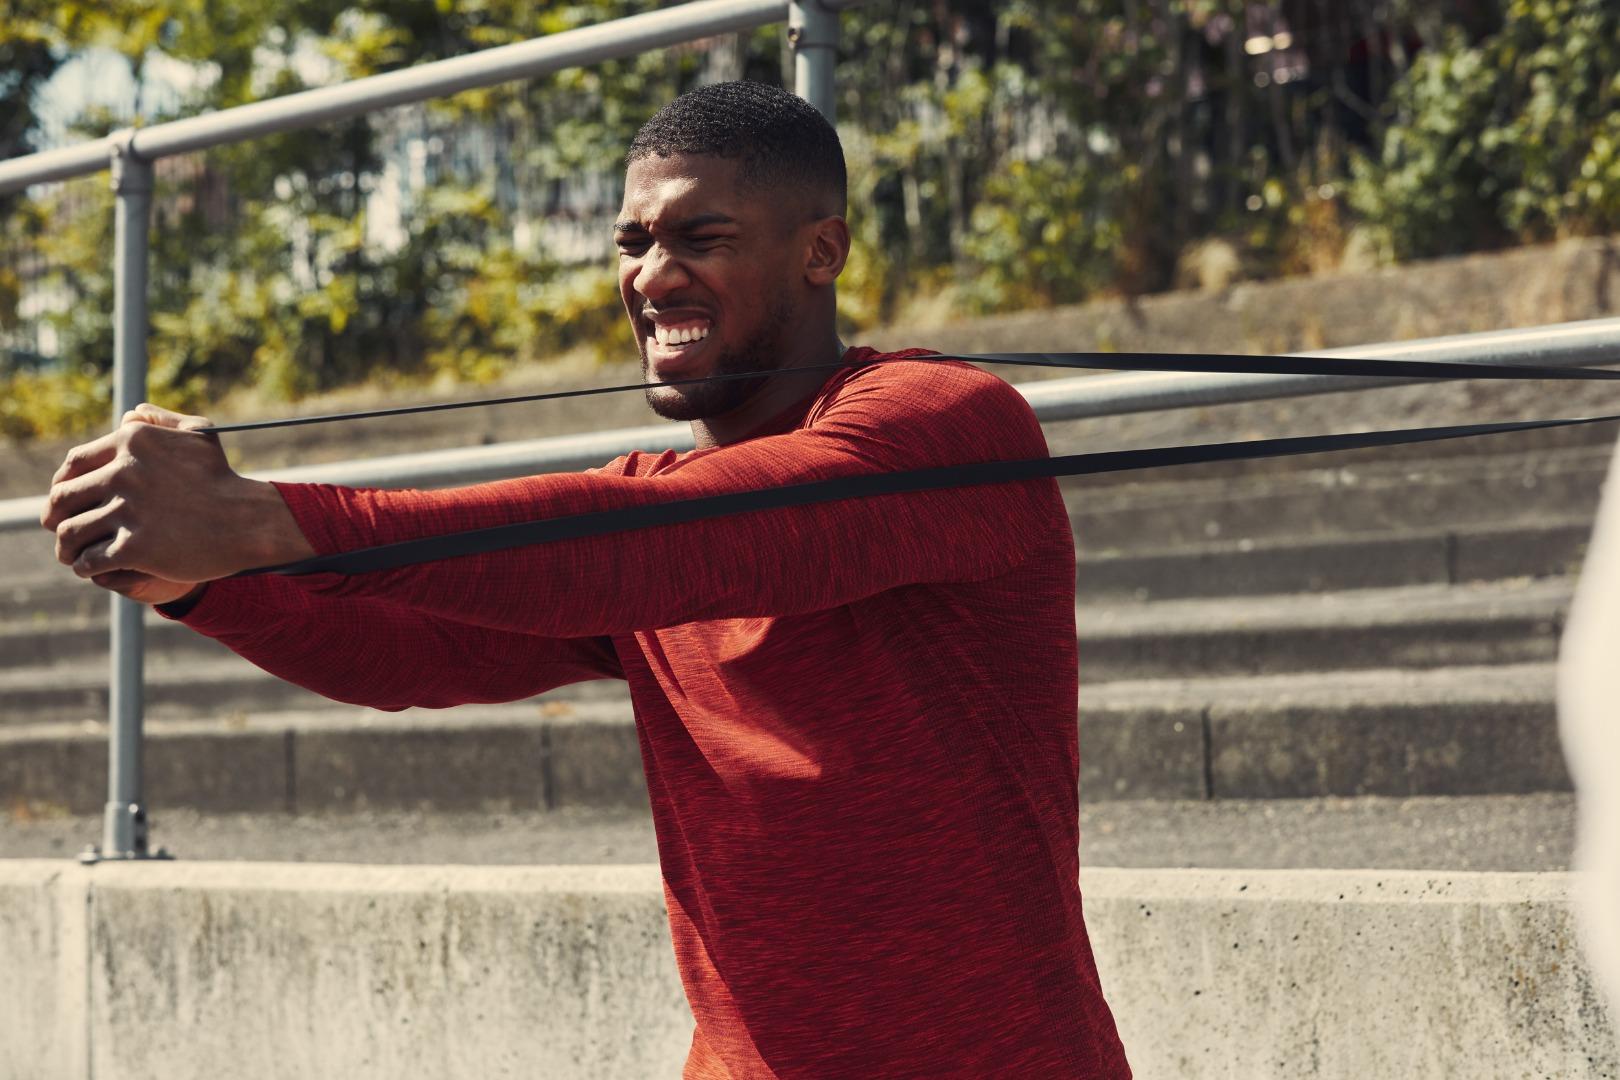 Under Armour junta a sus mejores deportistas en Will makes us family